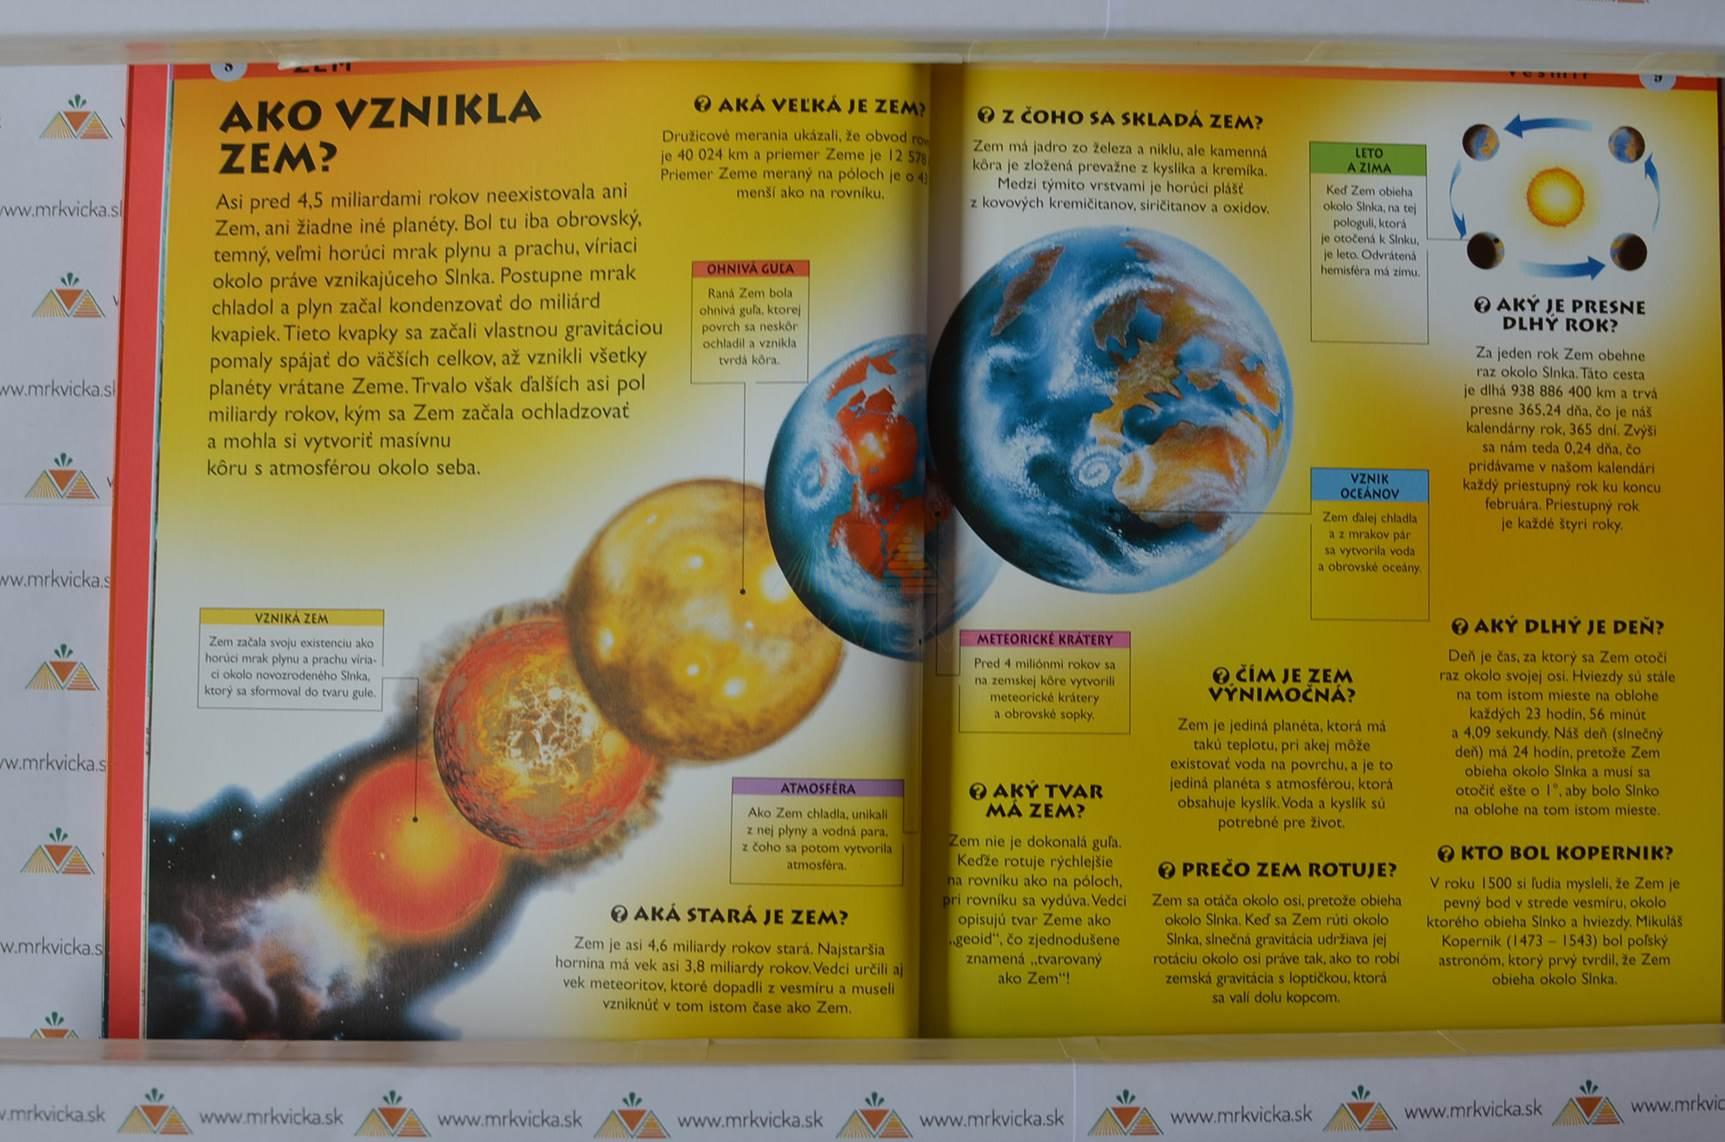 e8c5f3f1d Mrkvicka.sk, encyklopédie pre deti, Najväčšia kniha otázok a odpovedí